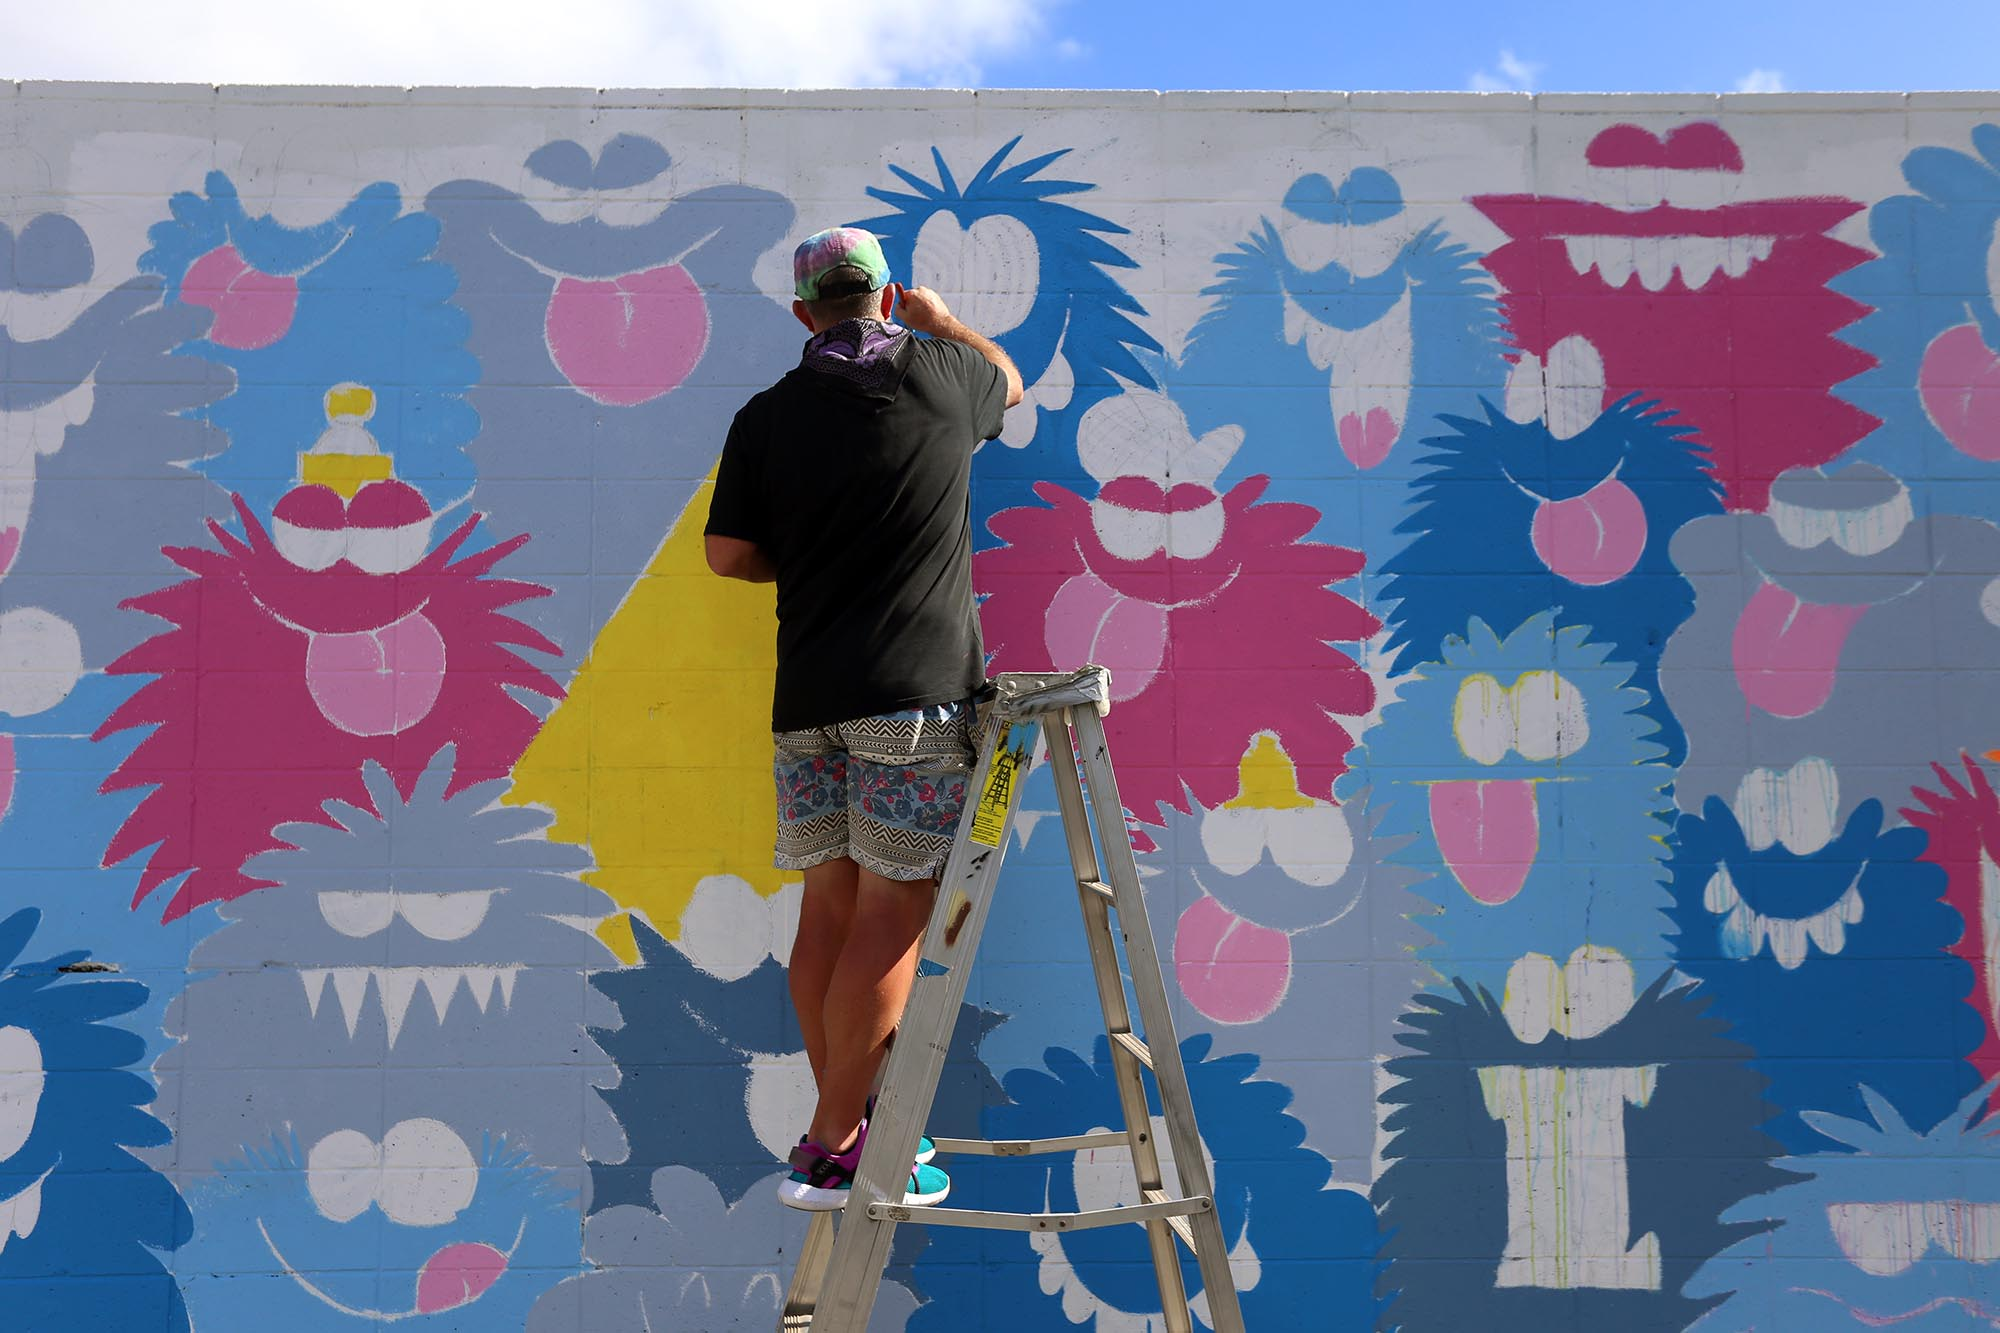 kevin lyons pow wow festival grafite mural 2016 (1)